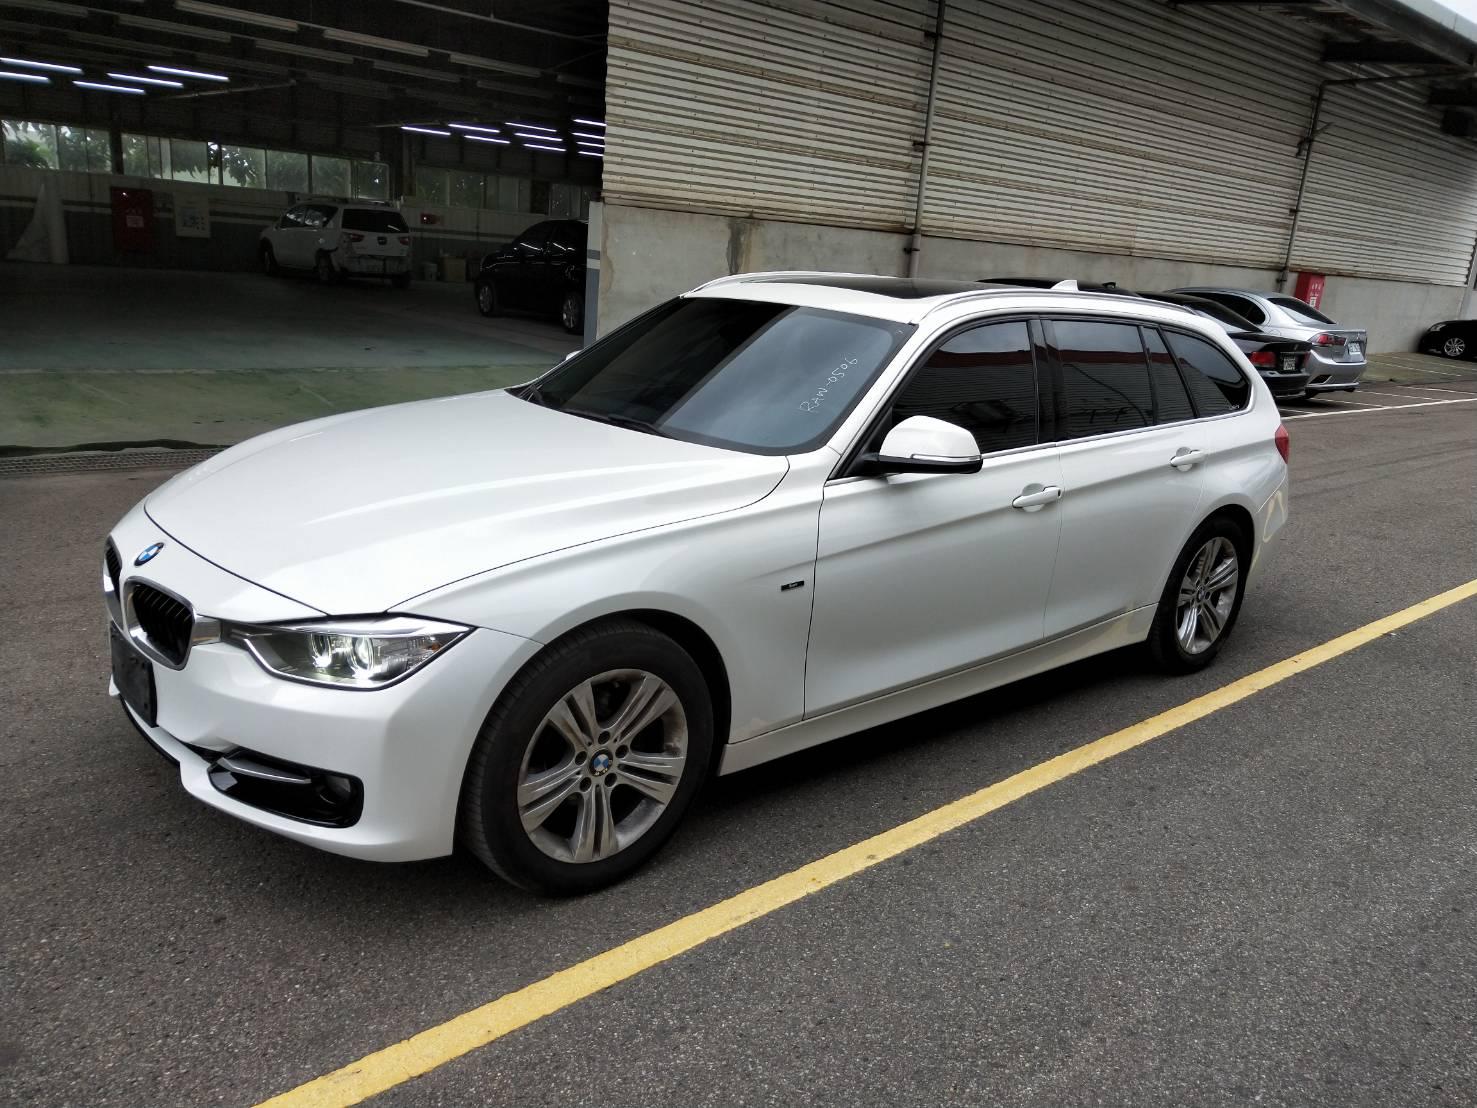 2014 Bmw 3-series sedan